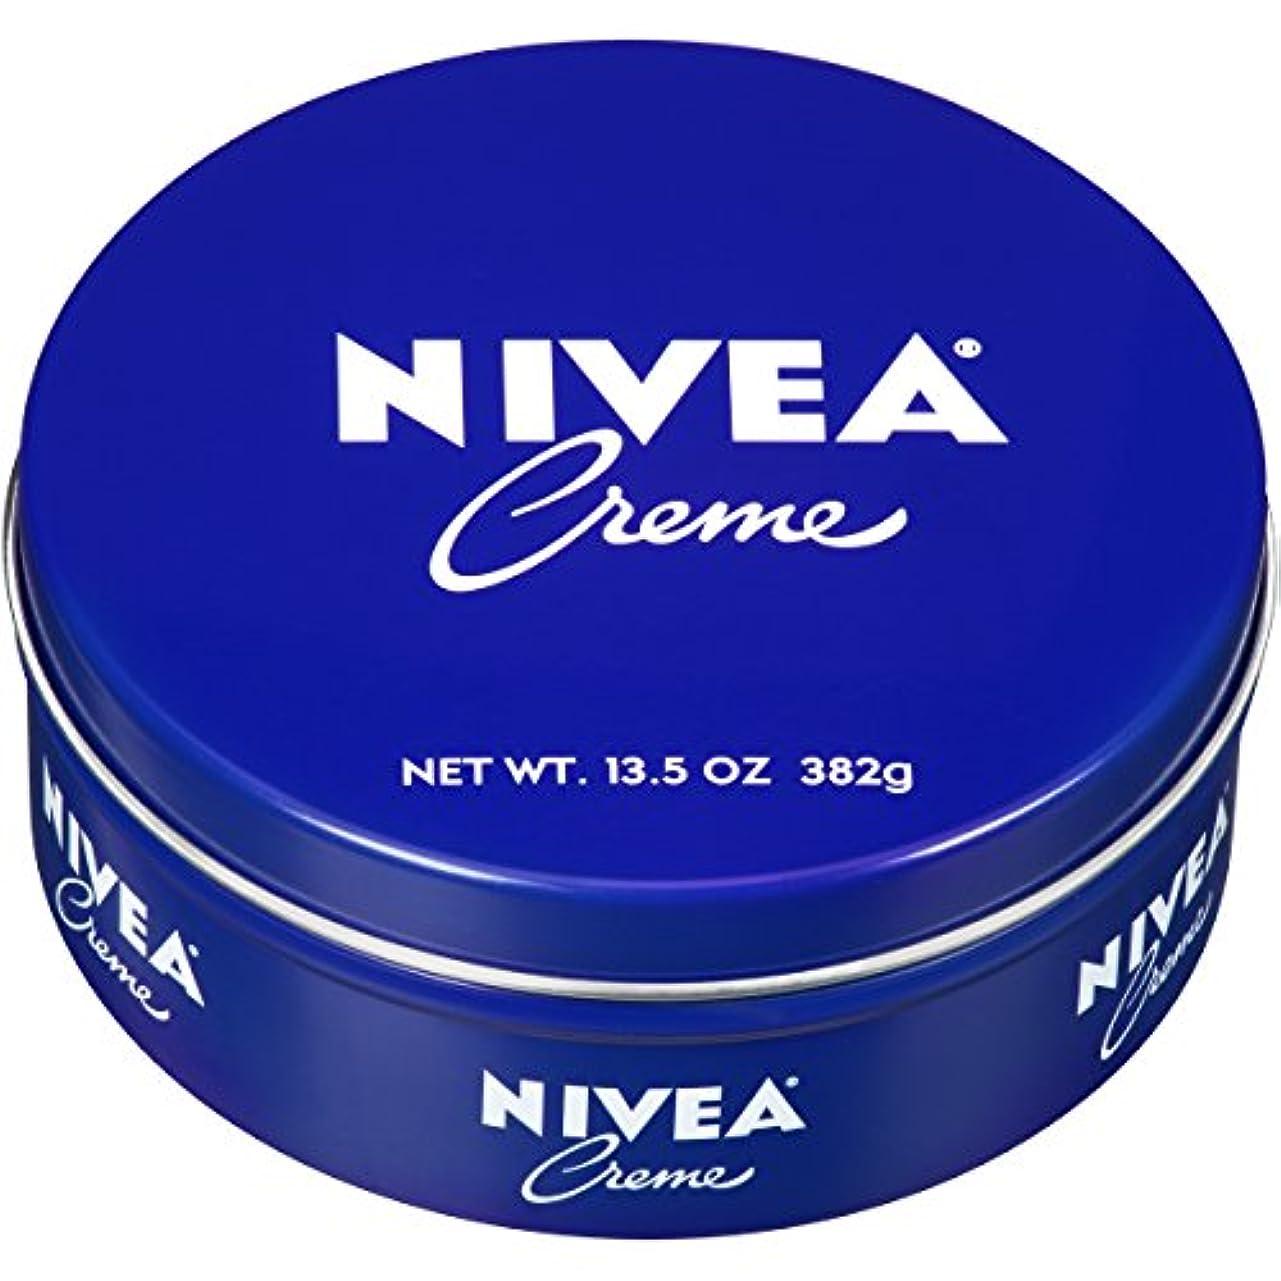 小説競争力のある帰するNIVEA ニベア クリーム 特大サイズ 400g アルミ缶